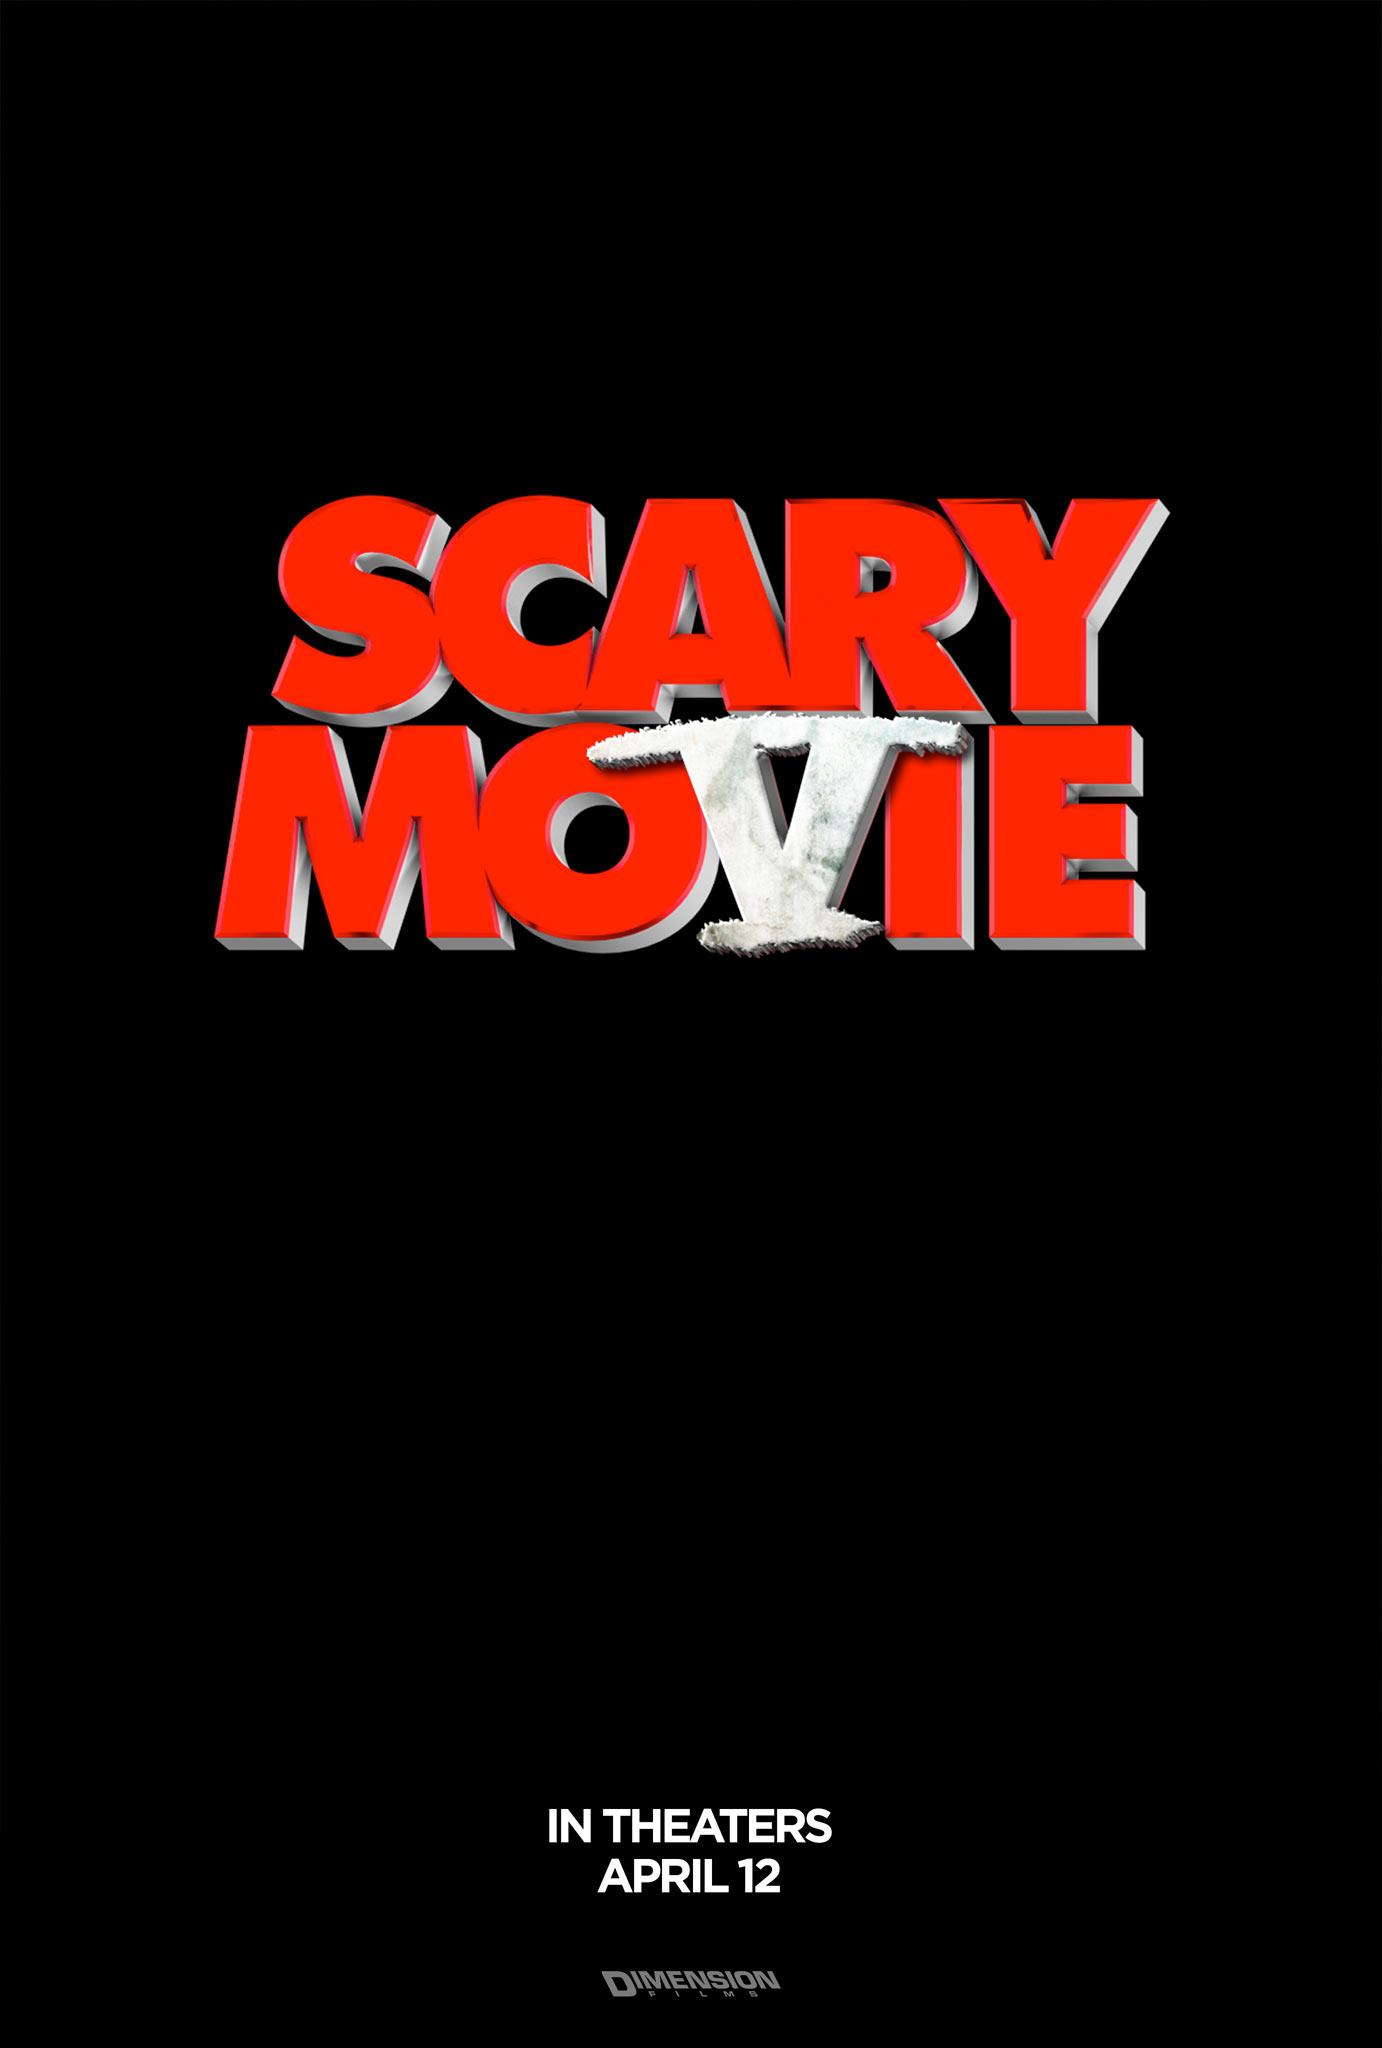 Scary Movie 5 - Movie Poster #1 (Original)